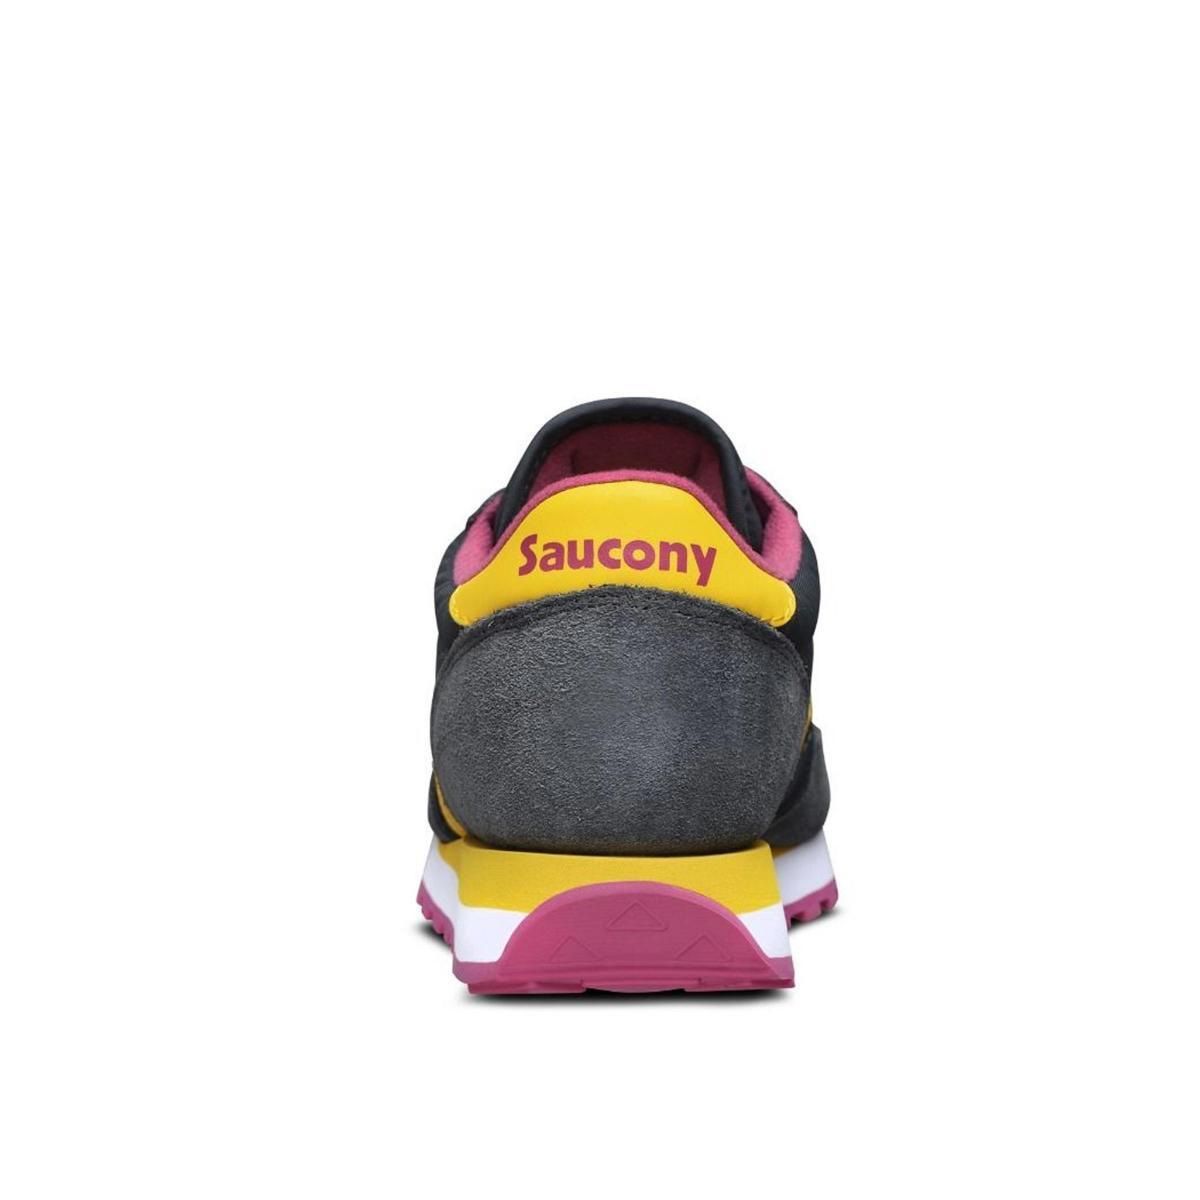 Scarpe Saucony Jazz Original da donna rif. 1044-303